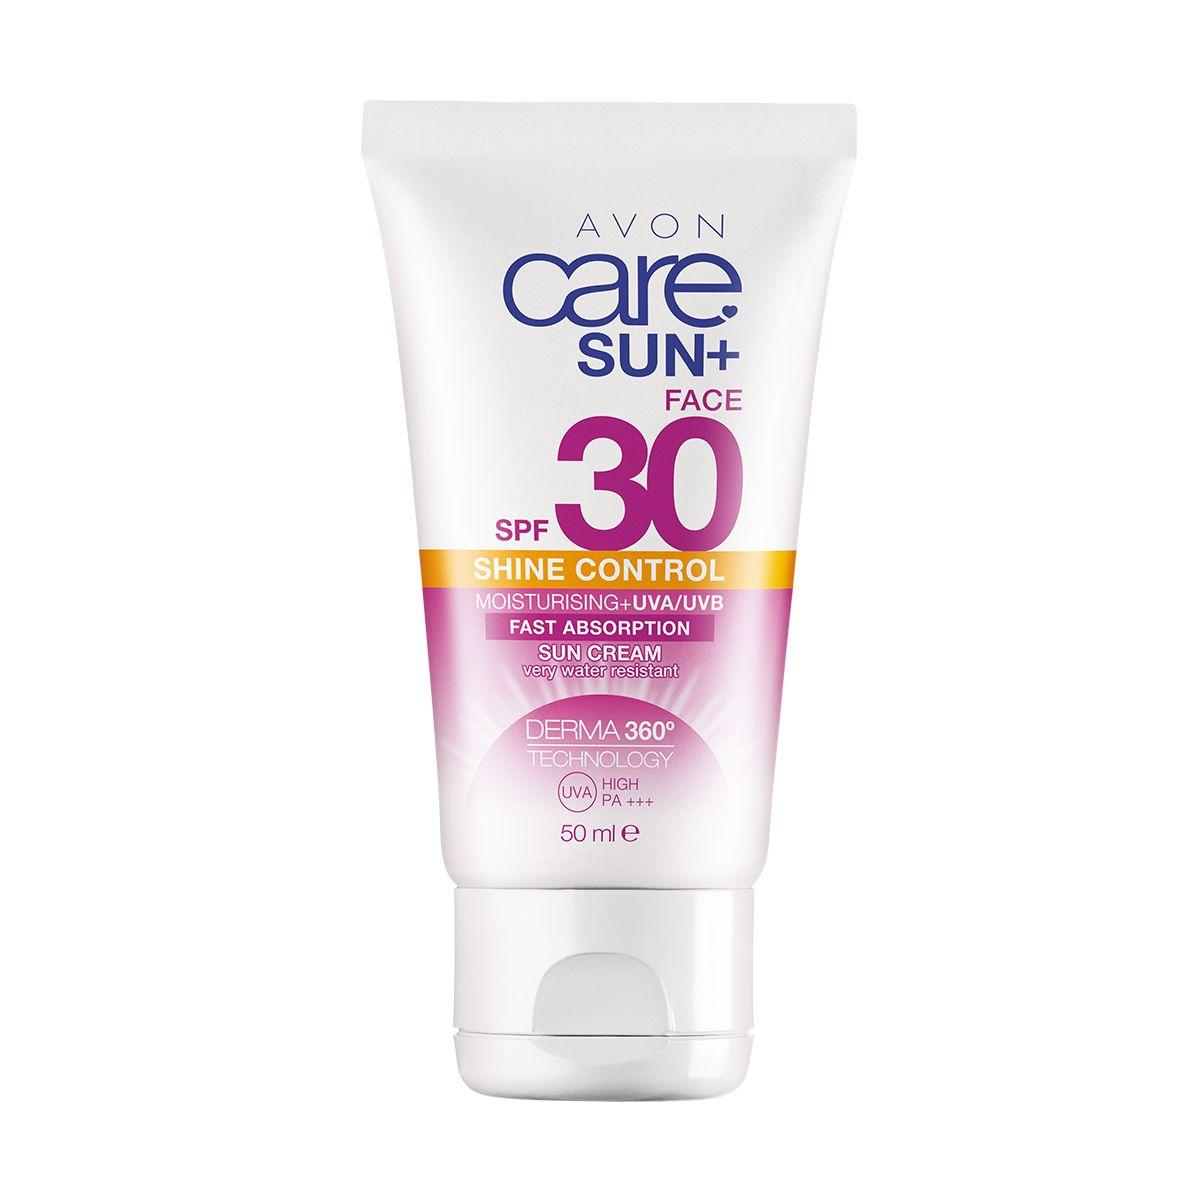 إفون كير صن كريم مرطب لبشرة الوجه واقي من الشمس يتحكم في لمعان البشرة. بعامل حماية من الشمس SPF30 1304667 50ml